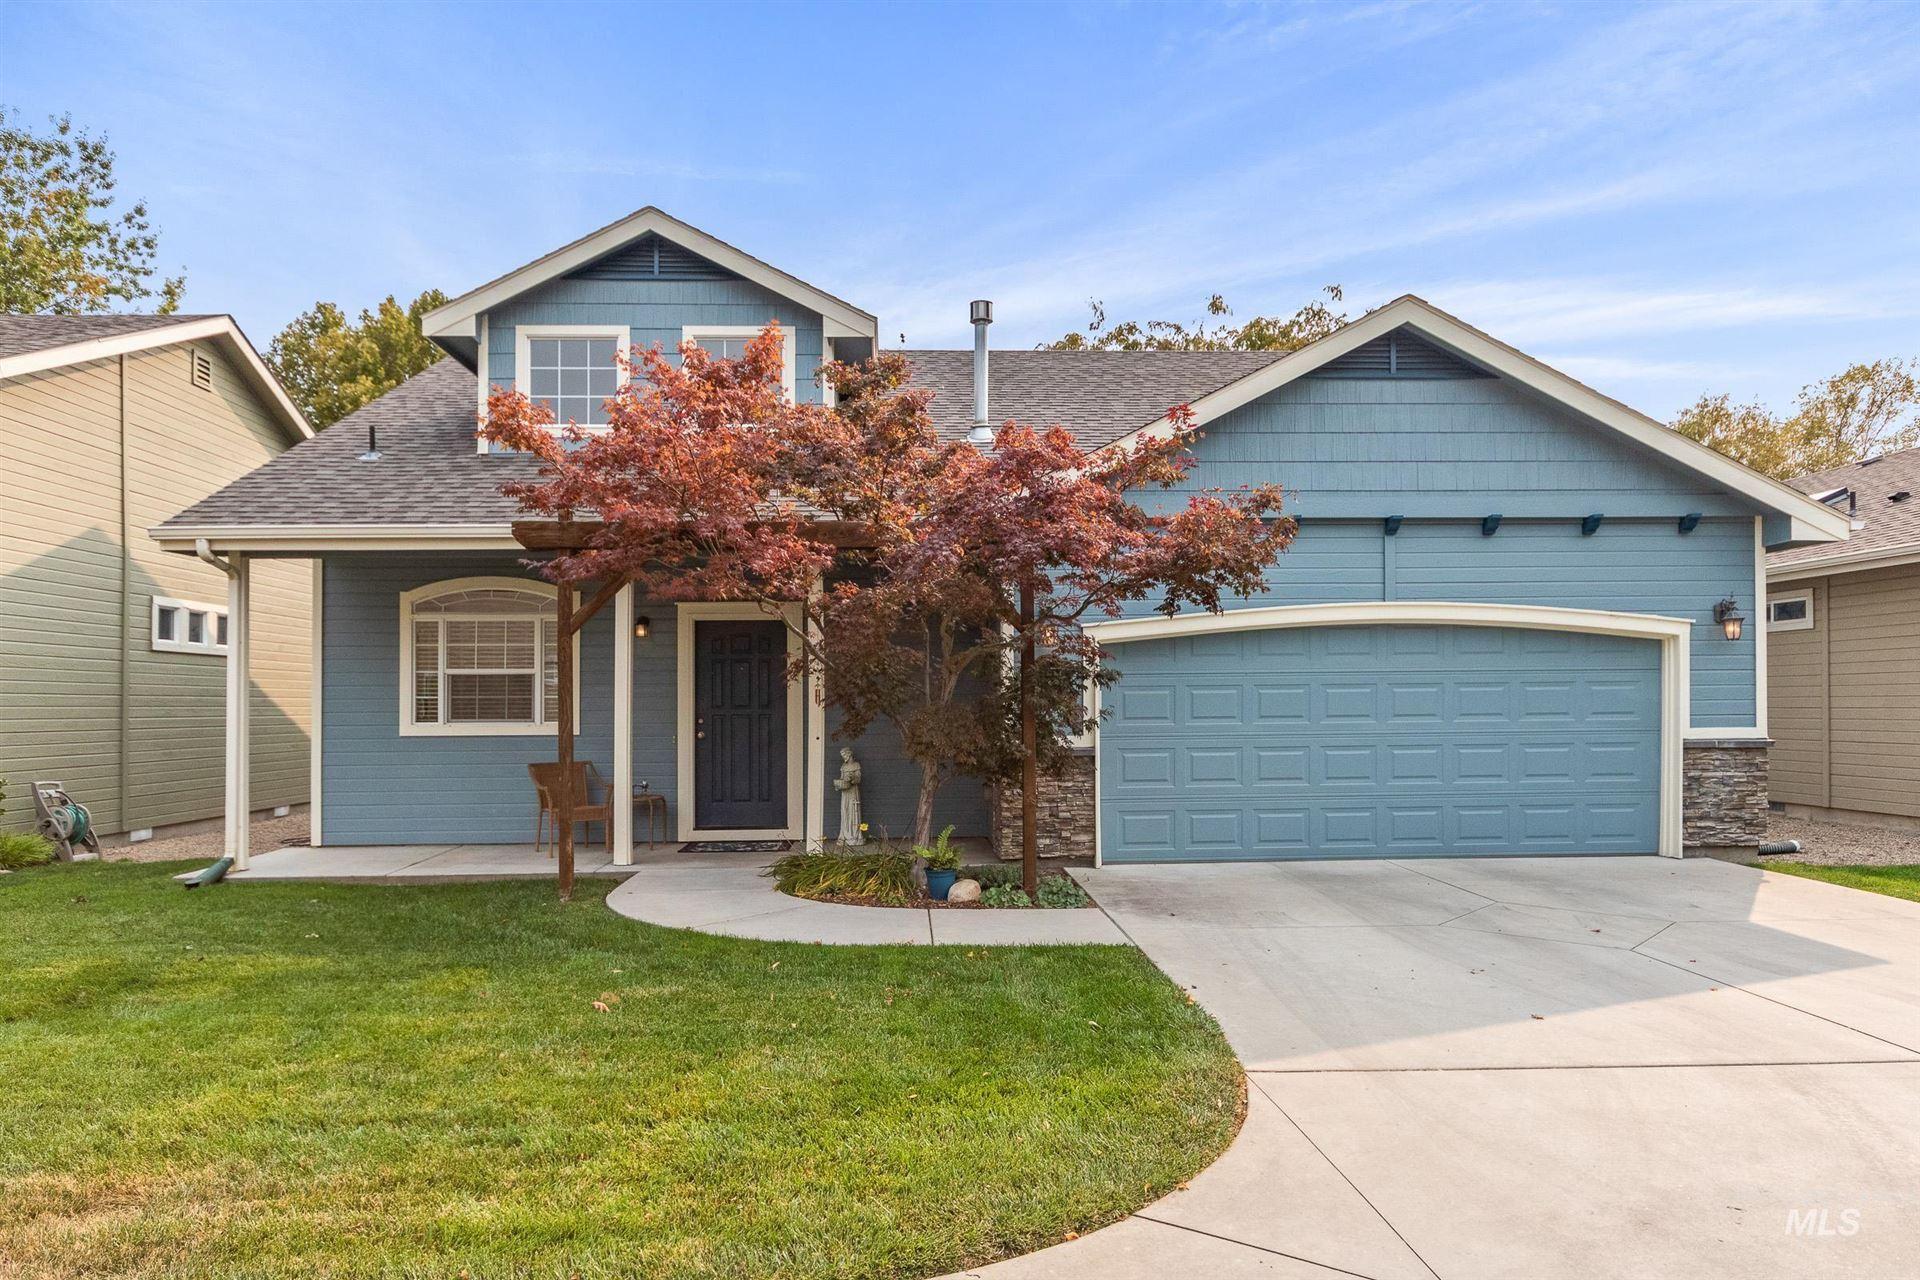 9257 W Olivia Street, Boise, ID 83704-9758 - MLS#: 98821624